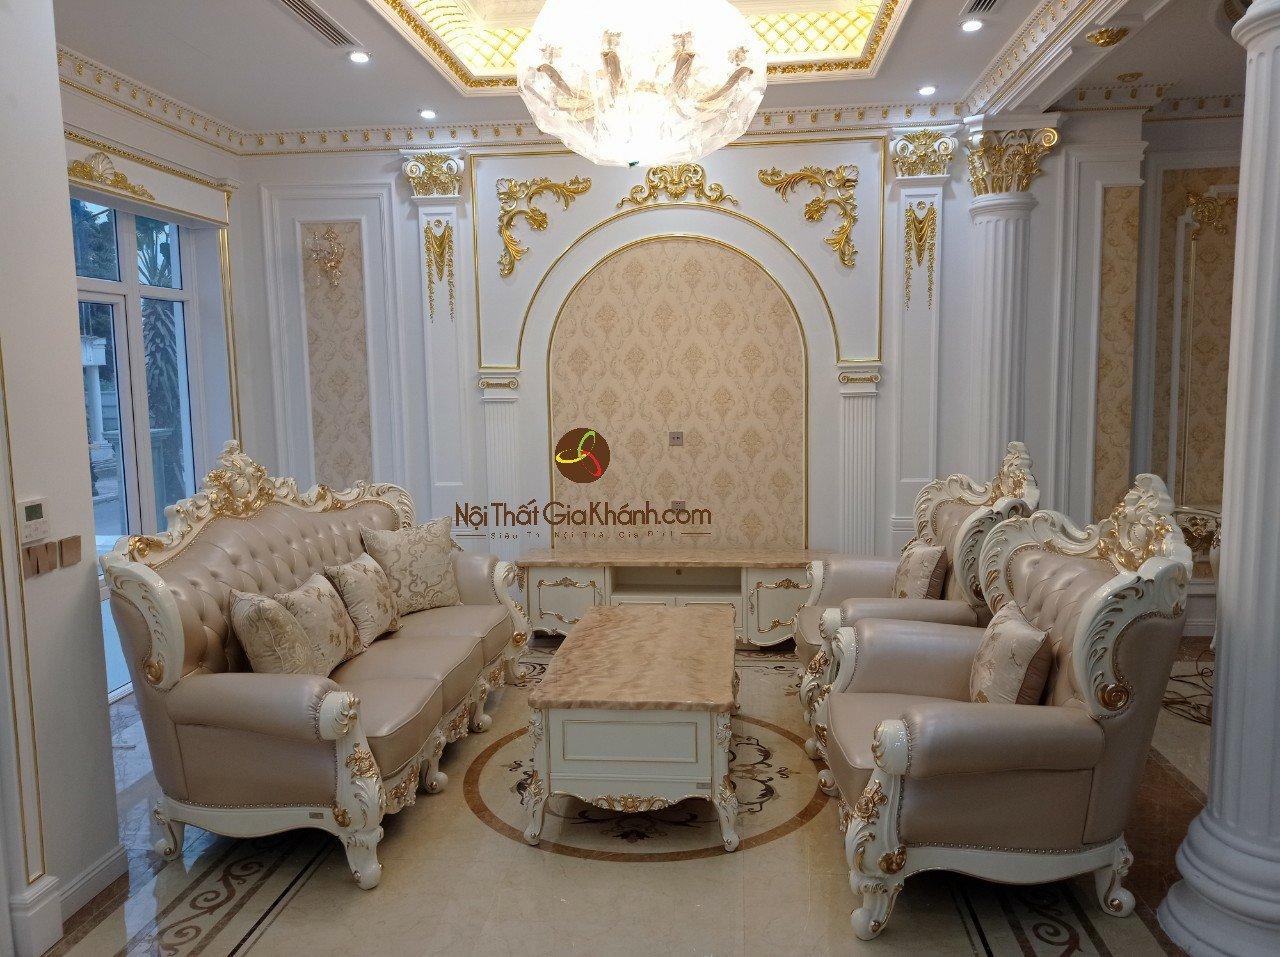 Hình ảnh combo phòng khách tại nhà khách hàng Lê Huy - Vinhomes The Harmony